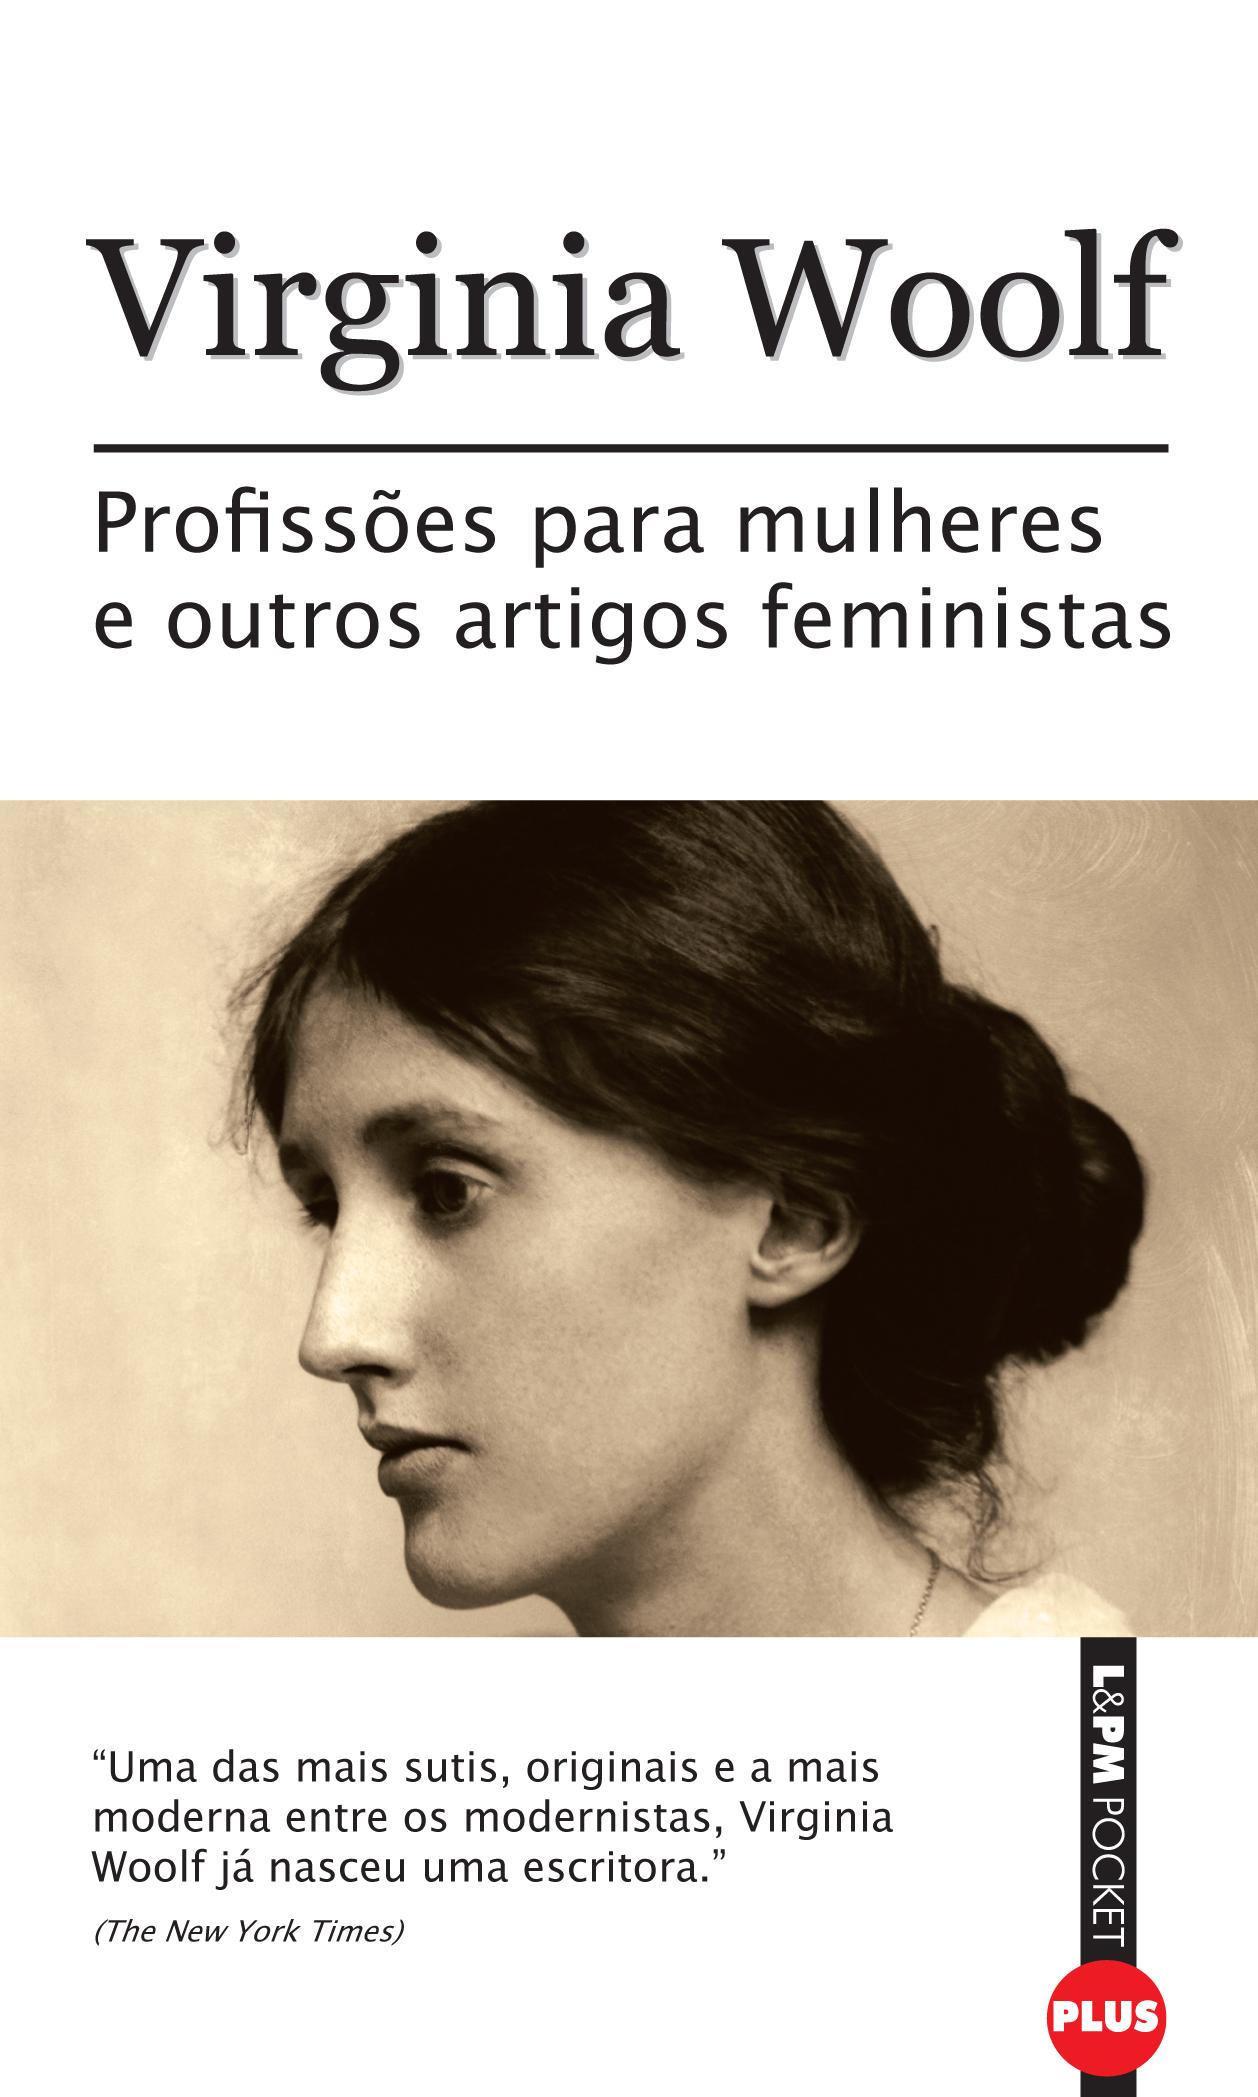 Resultado de imagem para profissoes para mulheres e outros artigos